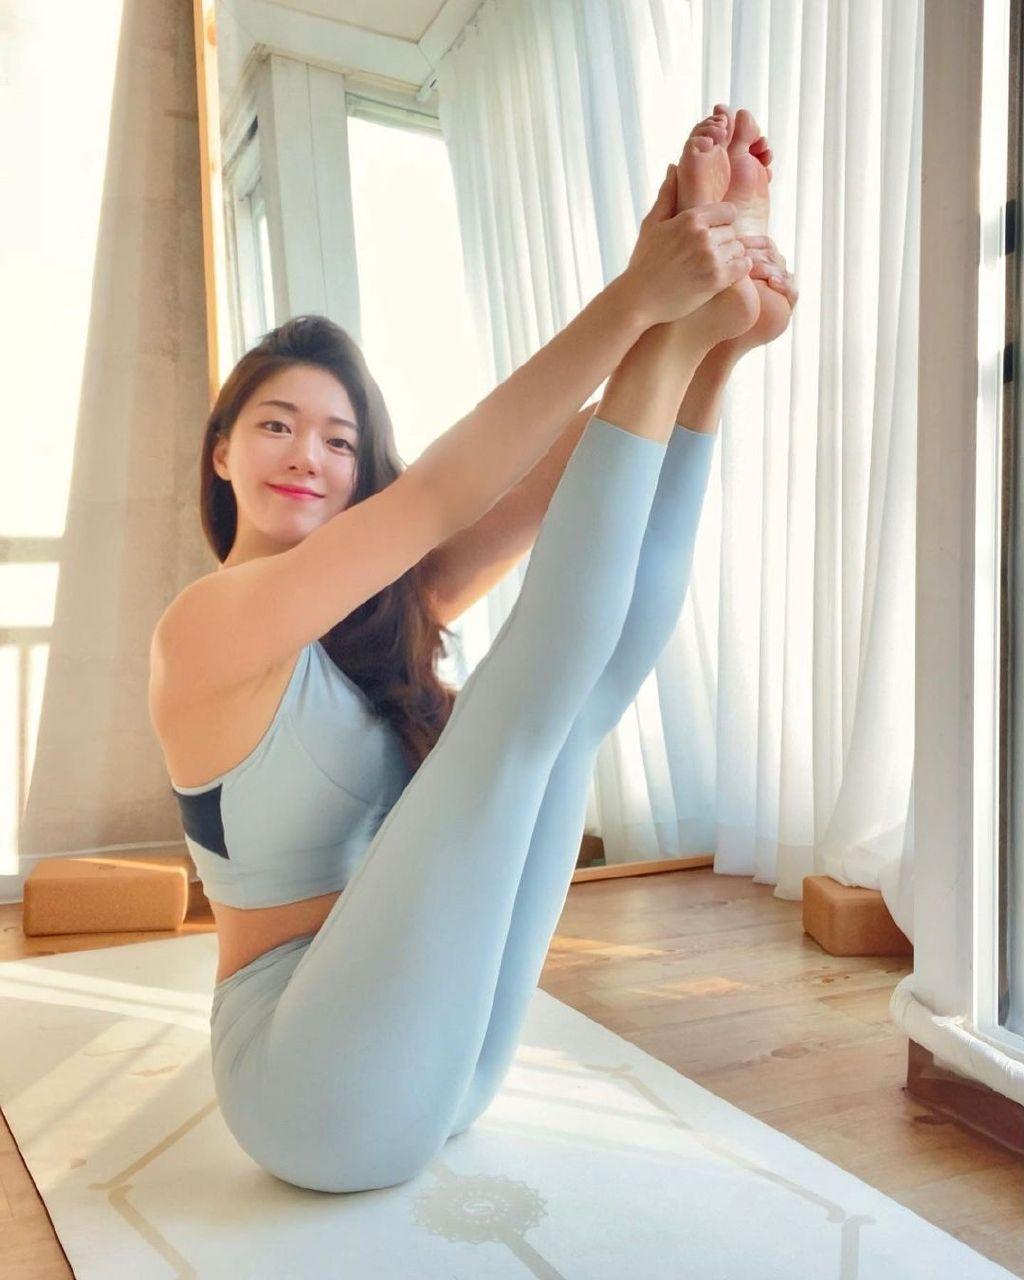 瑜伽精神 美女的高难度动作瑜伽动作 发现美